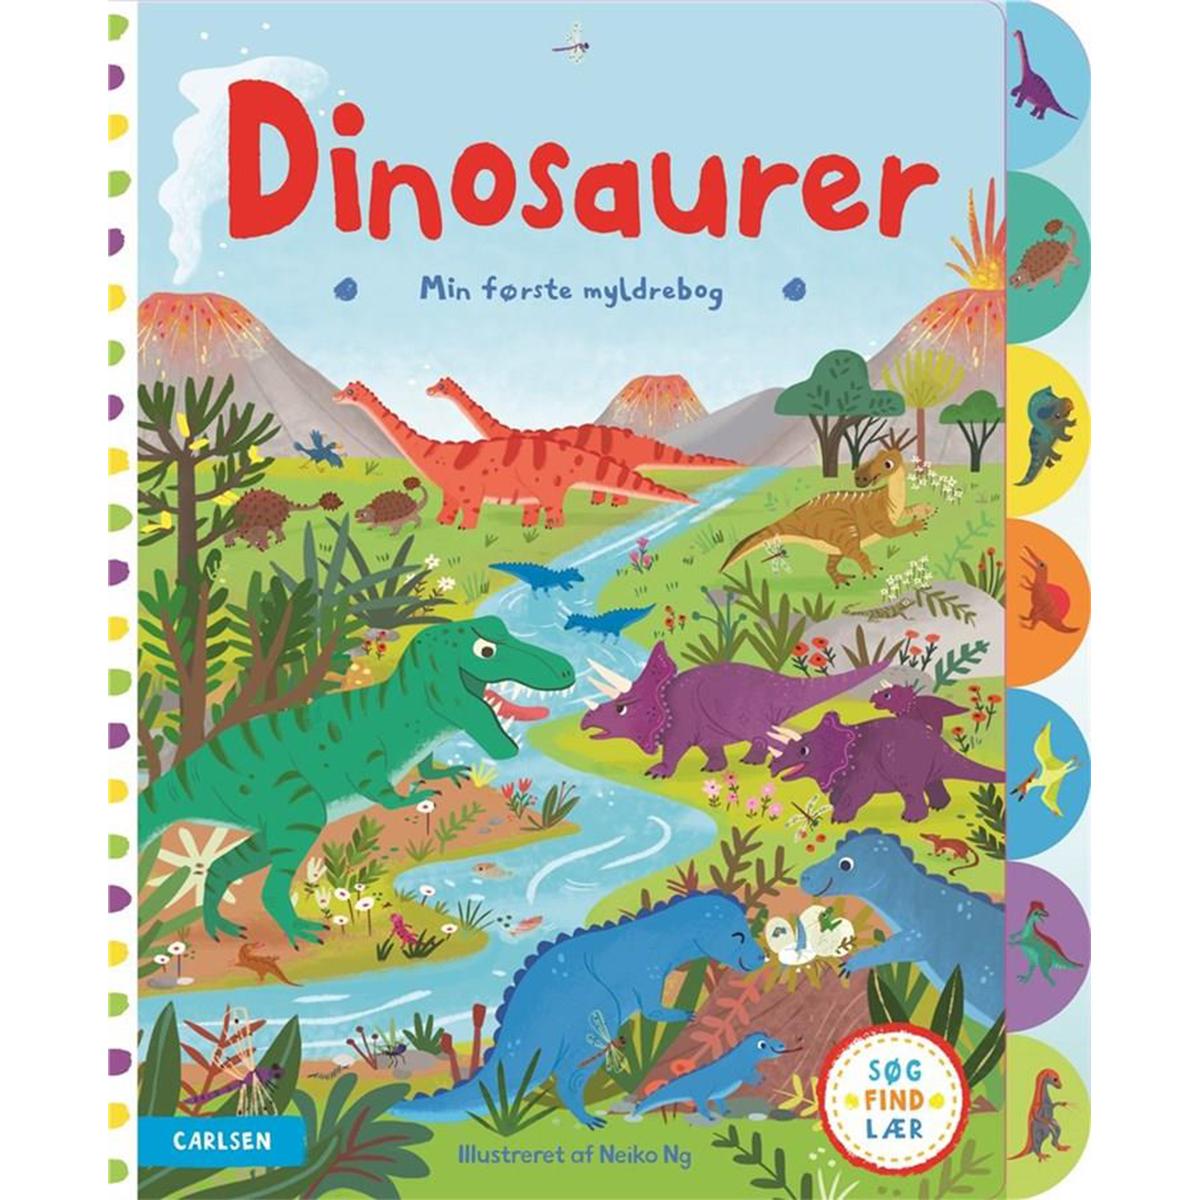 Min første myldrebog: dinosaurer - Papbog